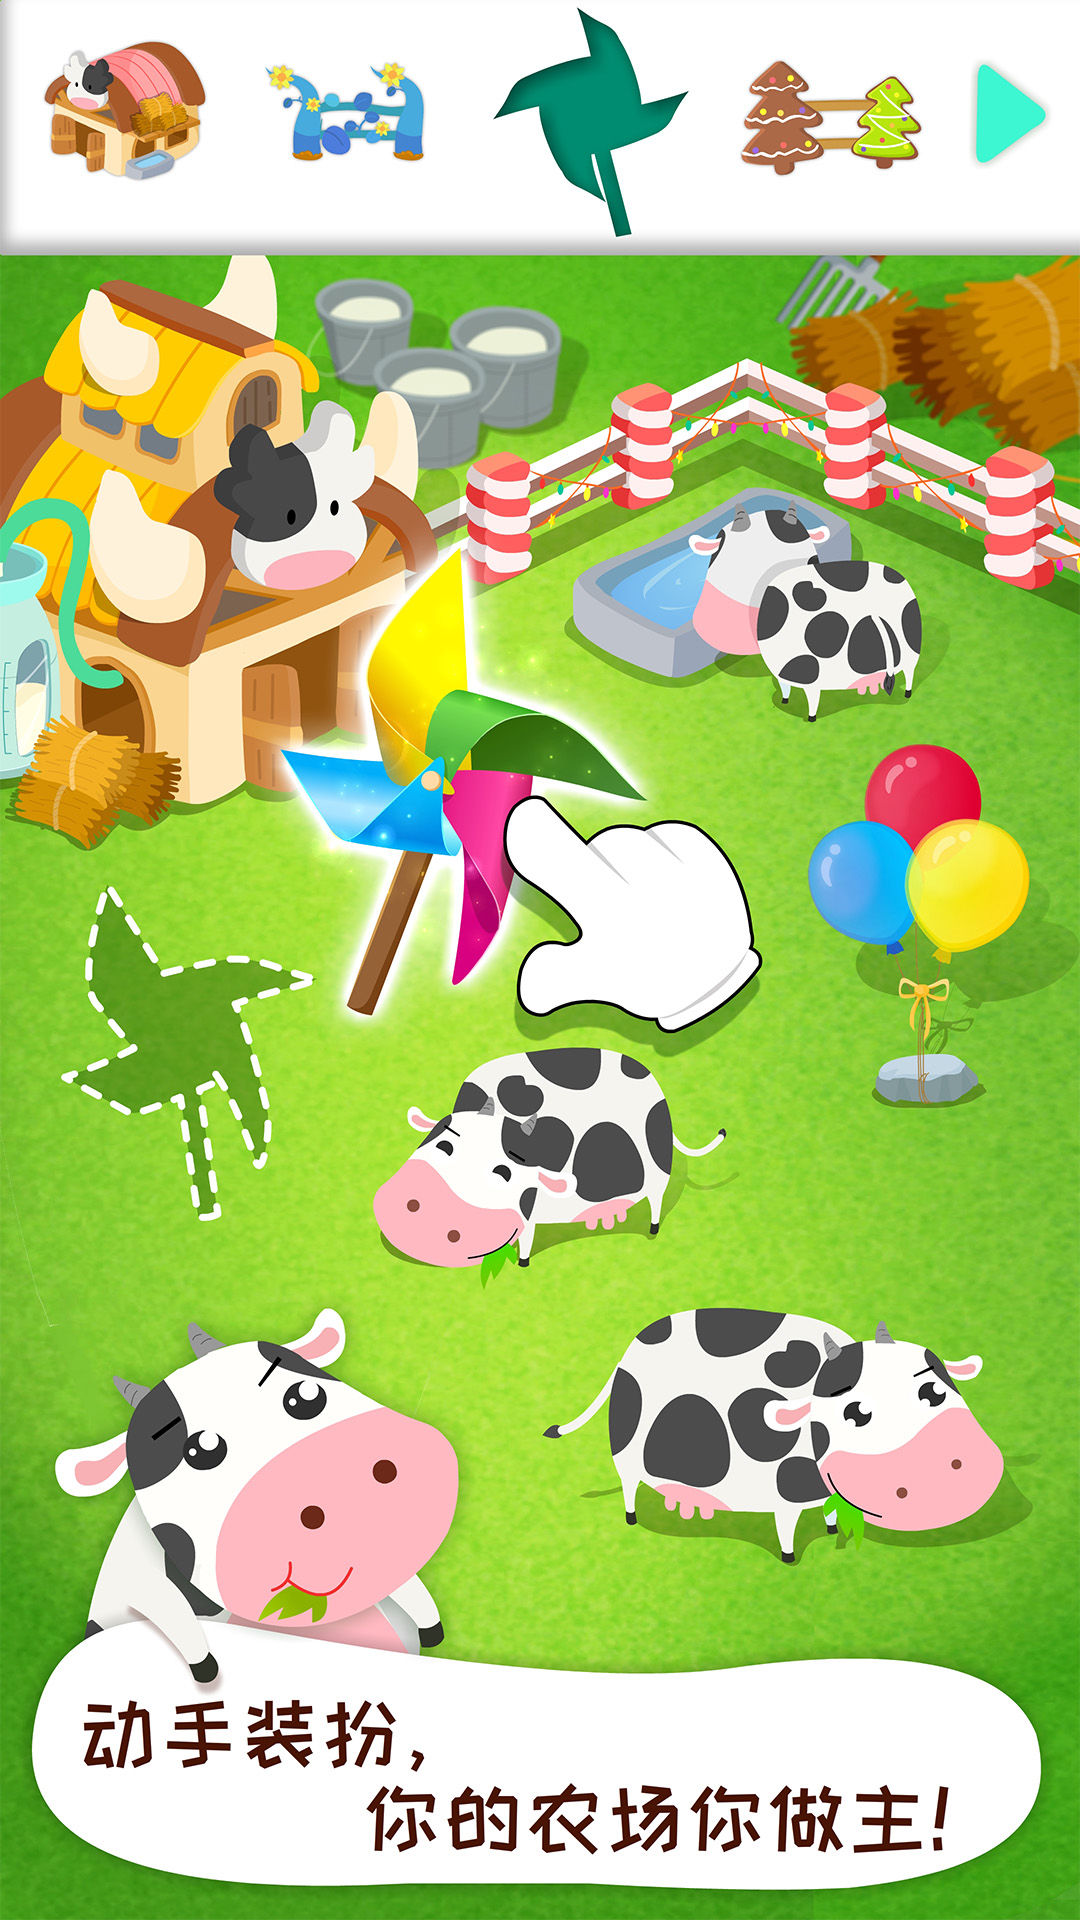 奇妙农场-儿童早教-应用截图